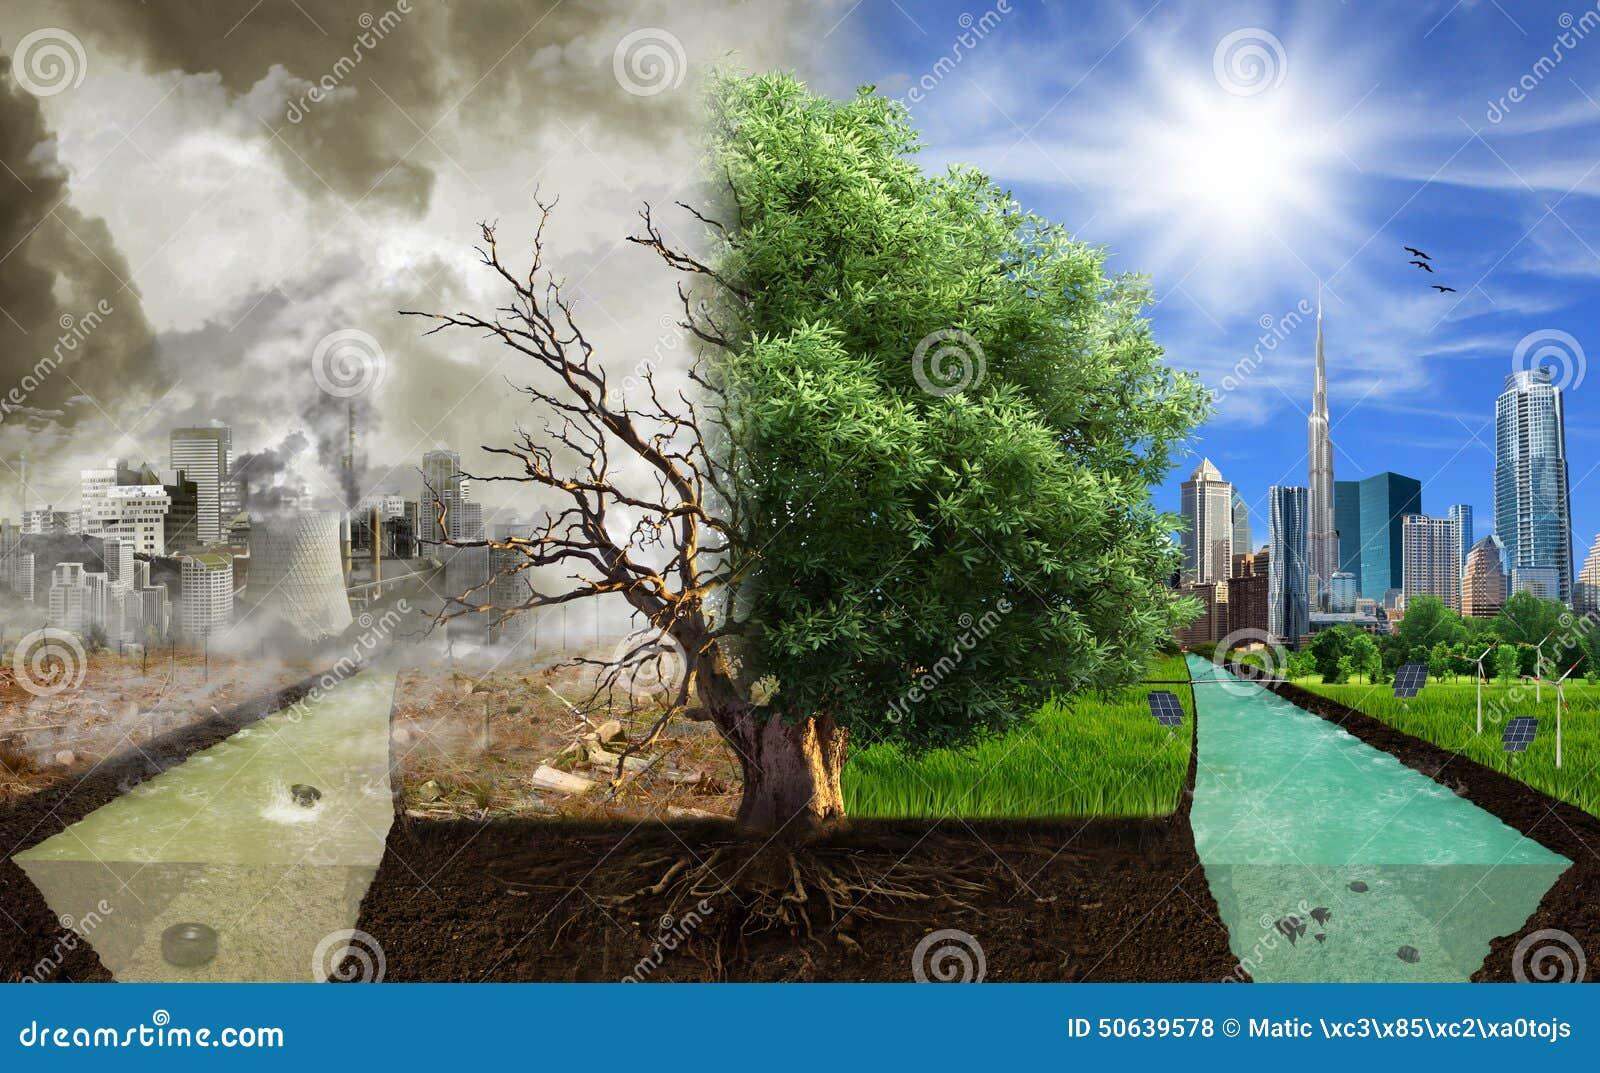 Due opzioni/lati, concetto di eco, arte digitale di eco